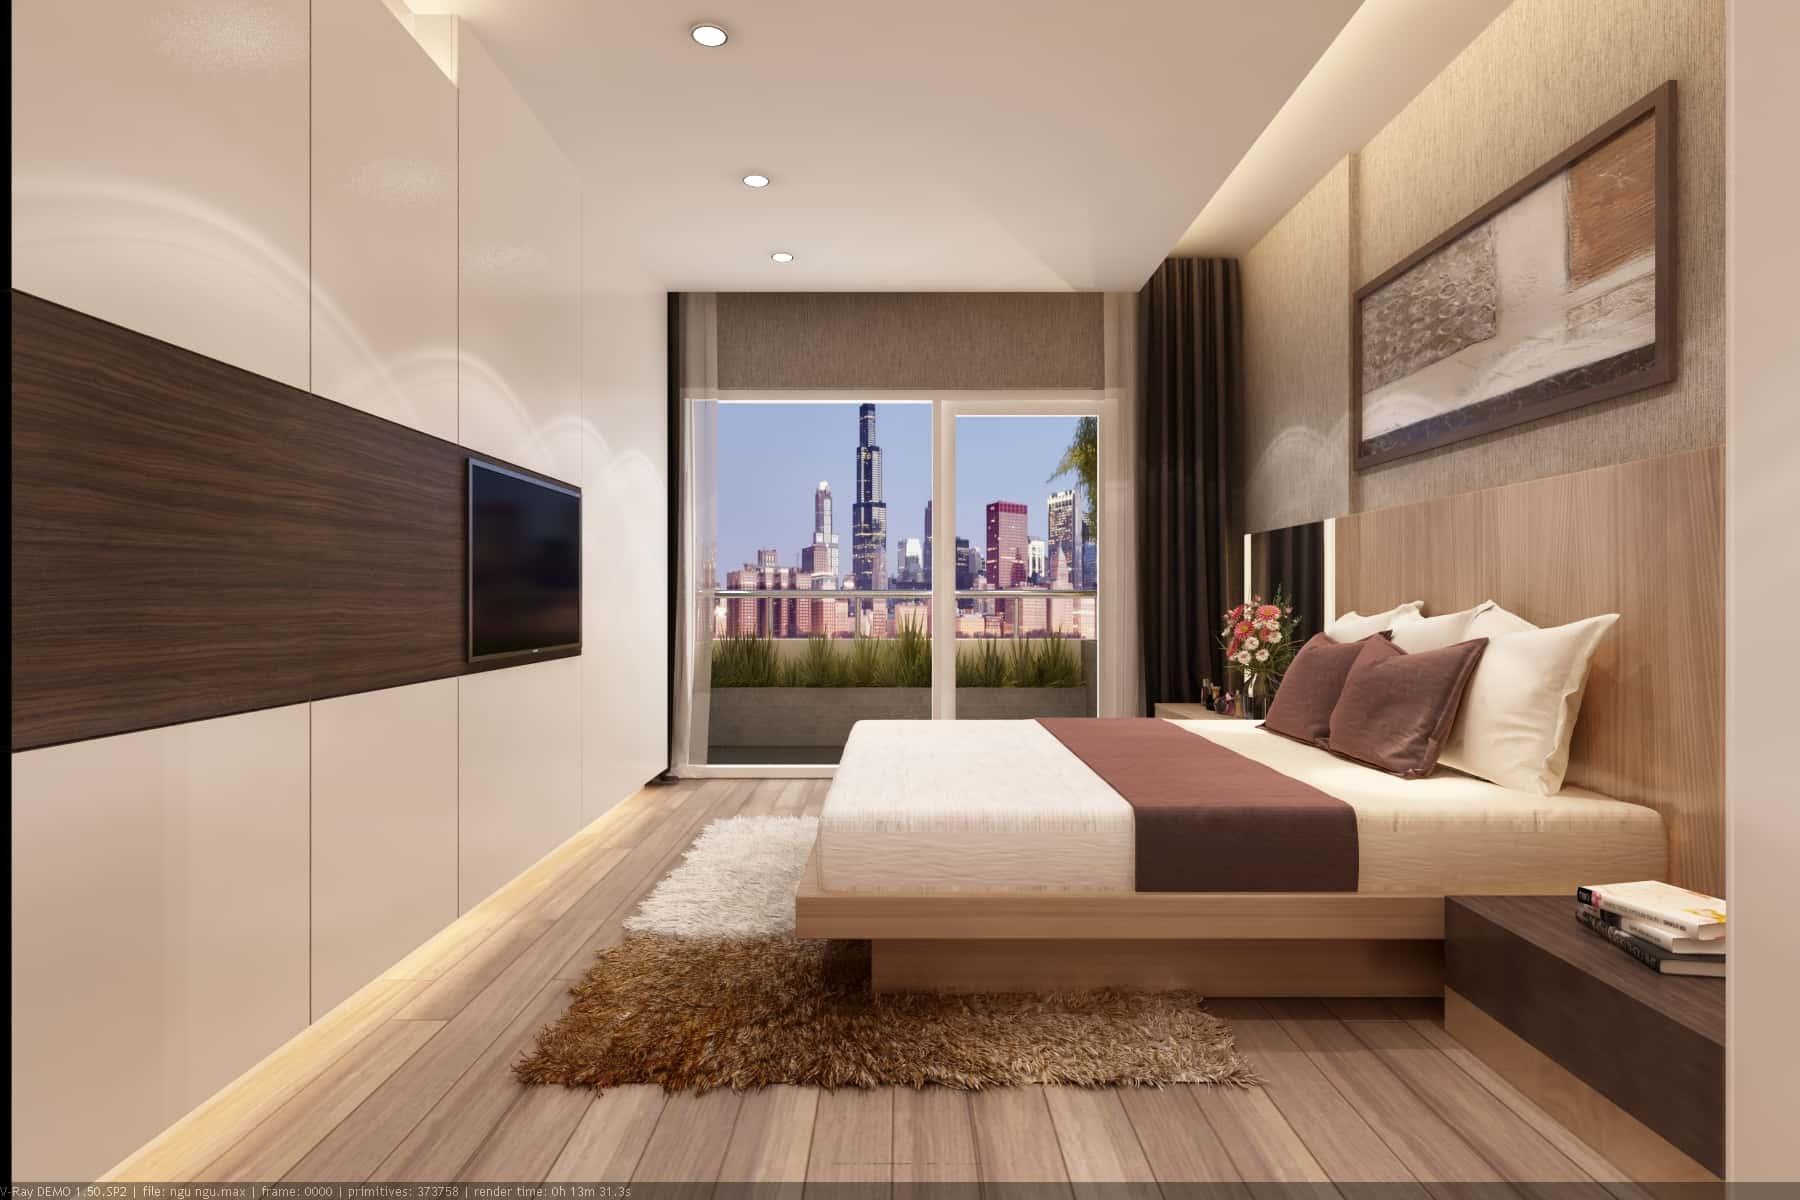 thiet ke noi that phong ngu nha ong 02 - Thiết kế nội thất phòng ngủ